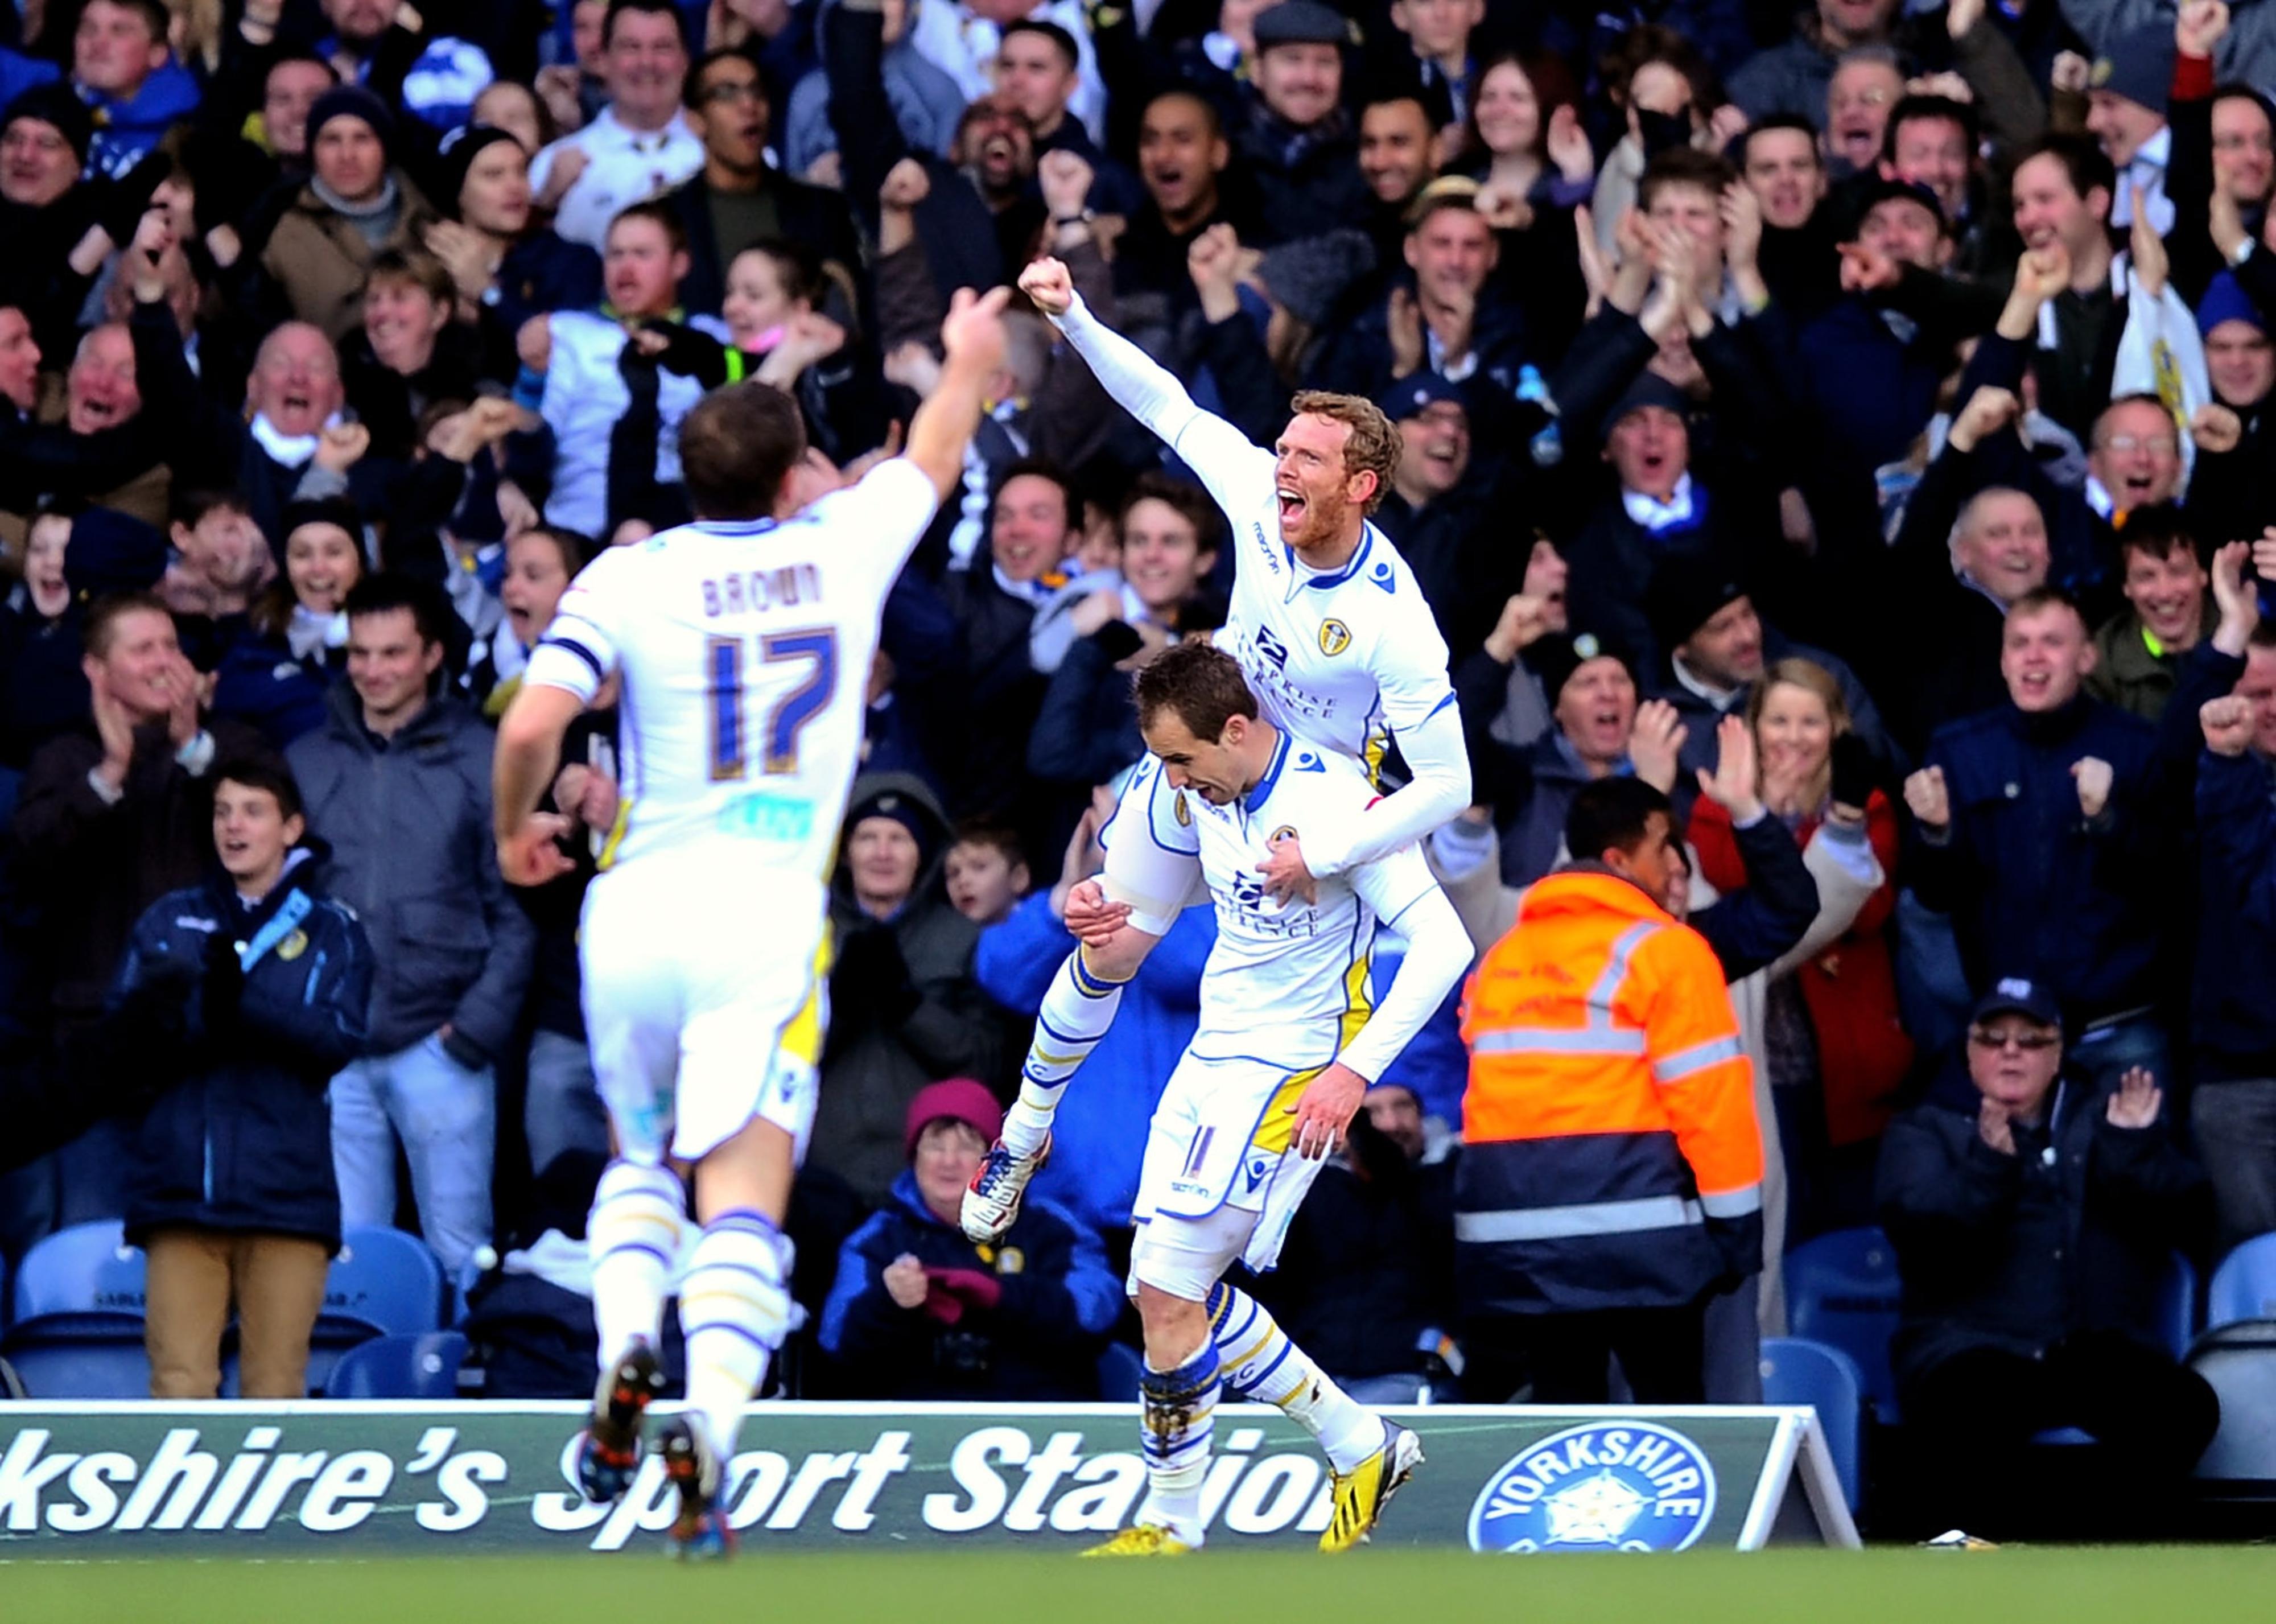 Captain for the day Michael Brown and Paul Green salute goalscorer Luke Varney.